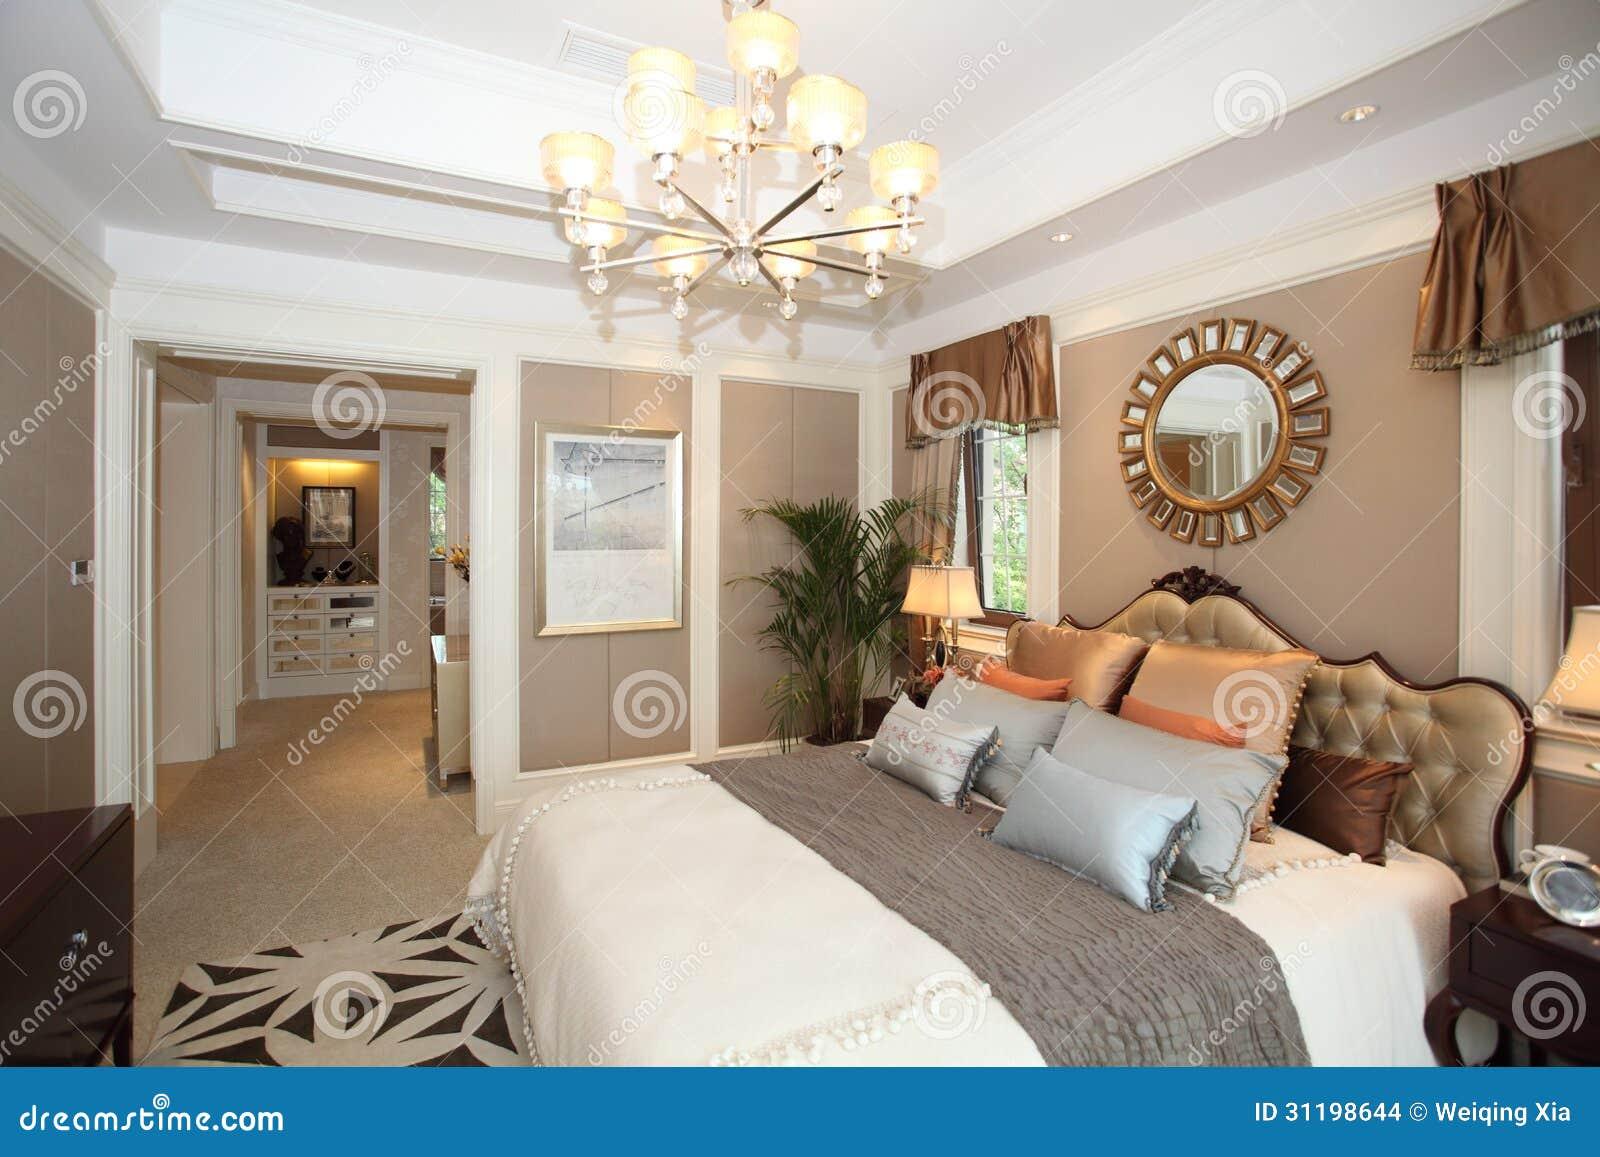 Chambre coucher la maison de luxe images stock image for Chambre de luxe